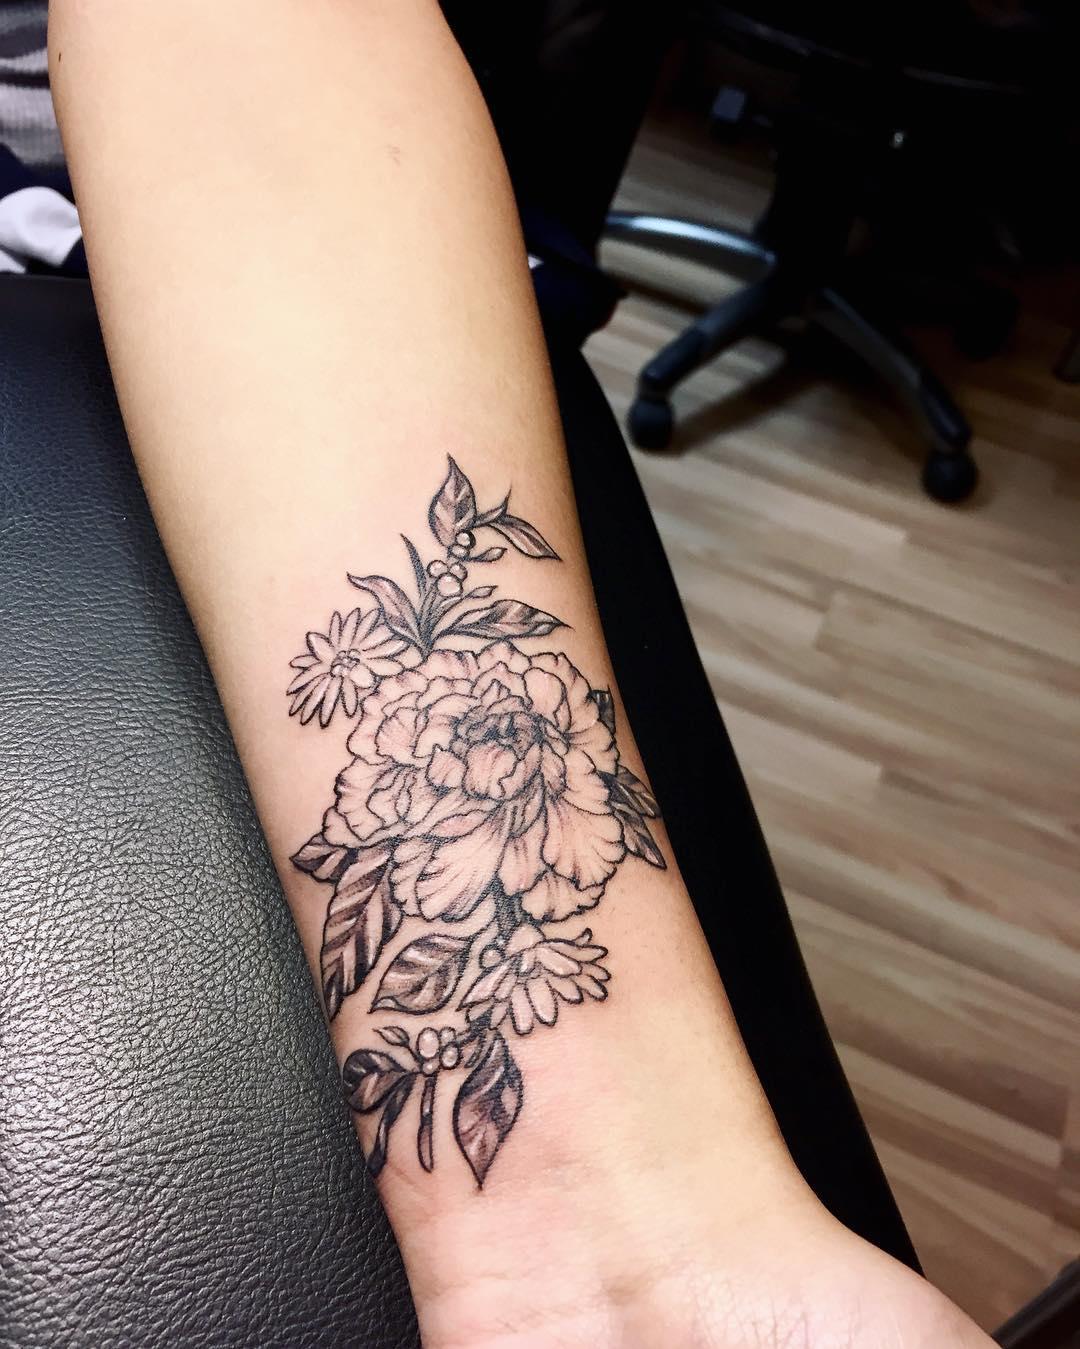 Peonies_and_flower_tattoo_on_wrist.jpg